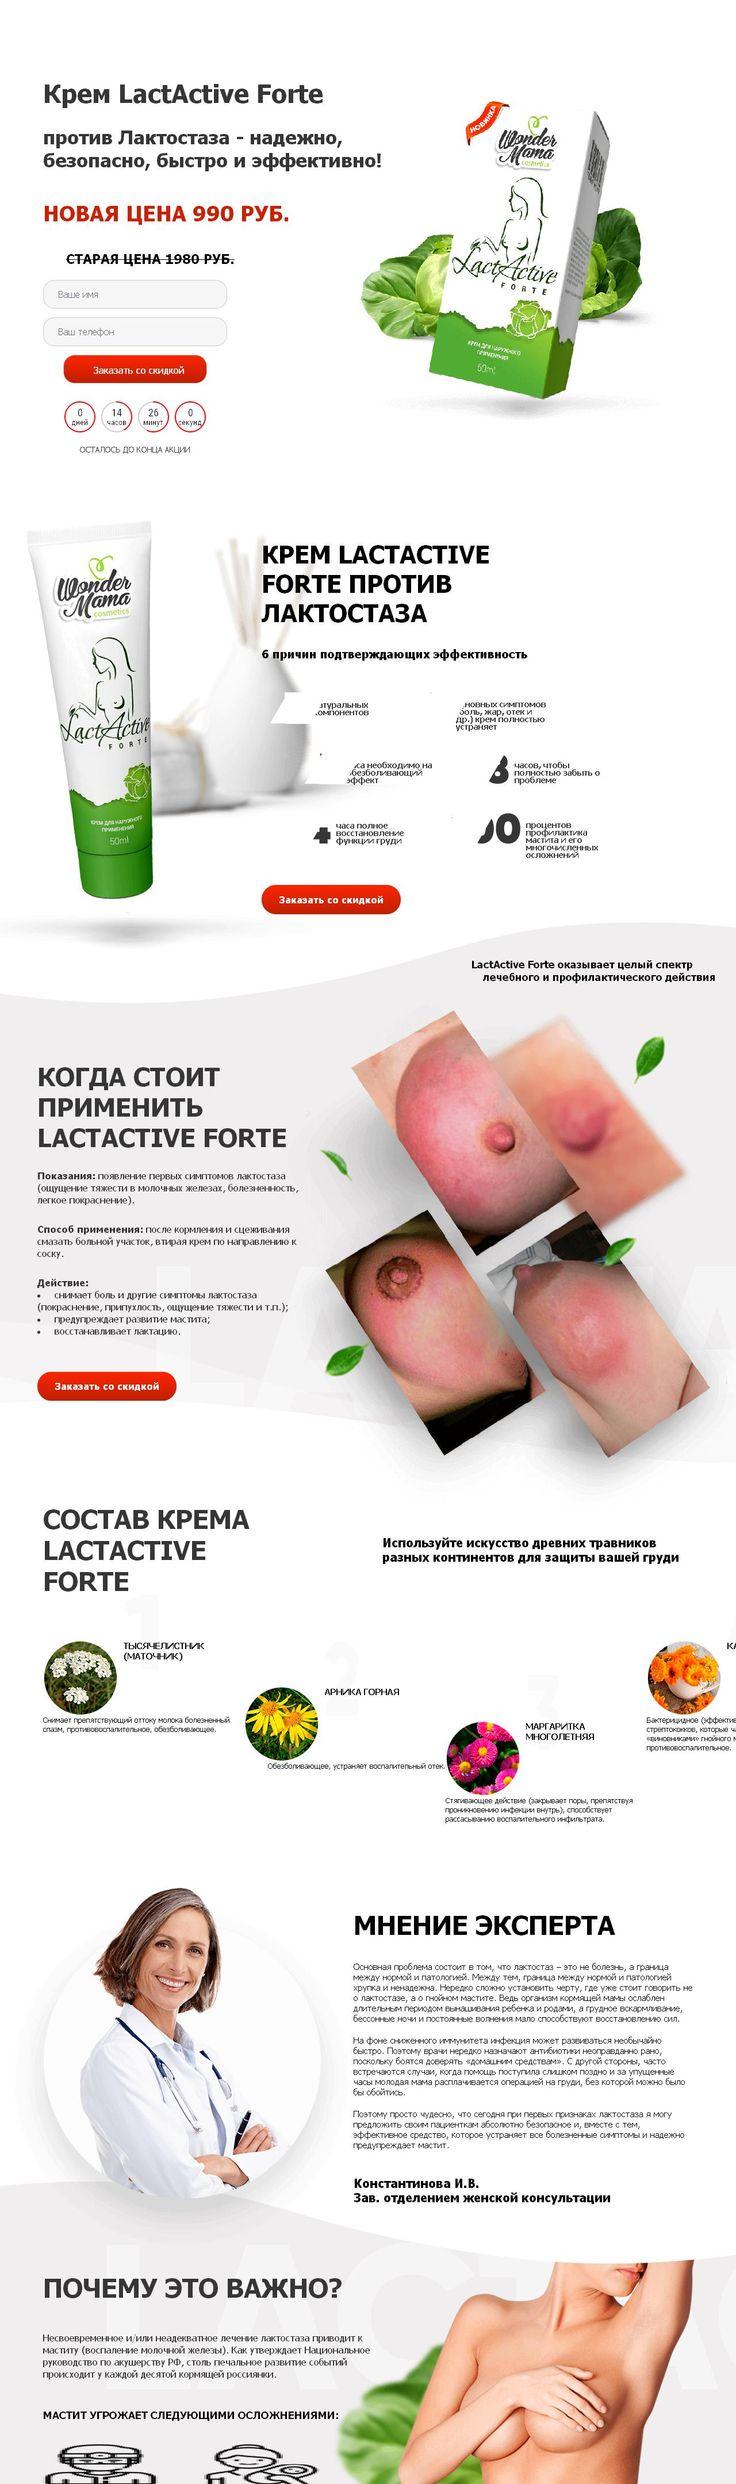 Крем LactActive Forte - от лактостаза в Оренбурге